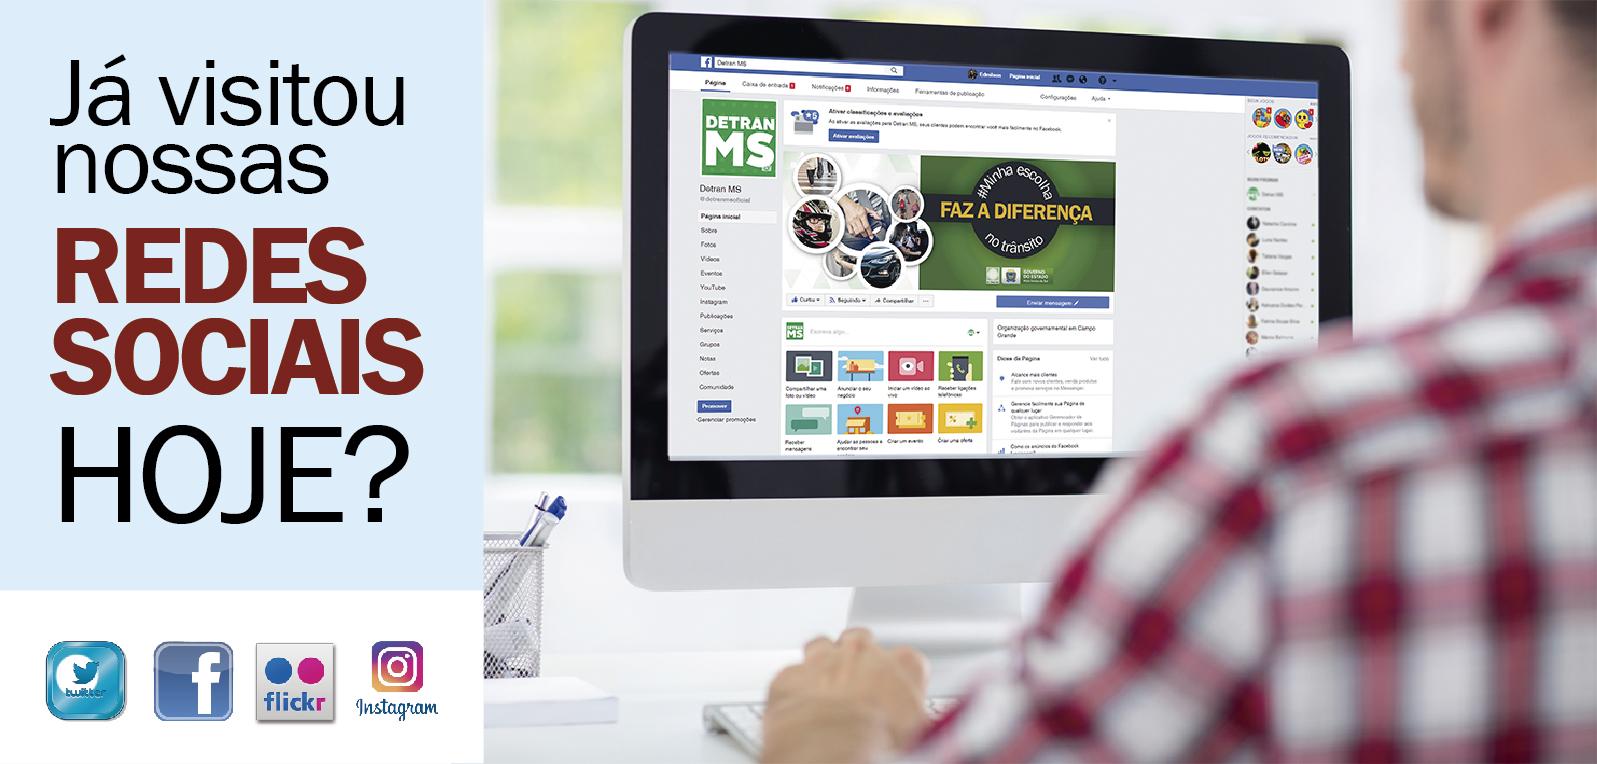 Siga o Detran nas Redes Sociais e fique por dentro de nossos serviços e notícias